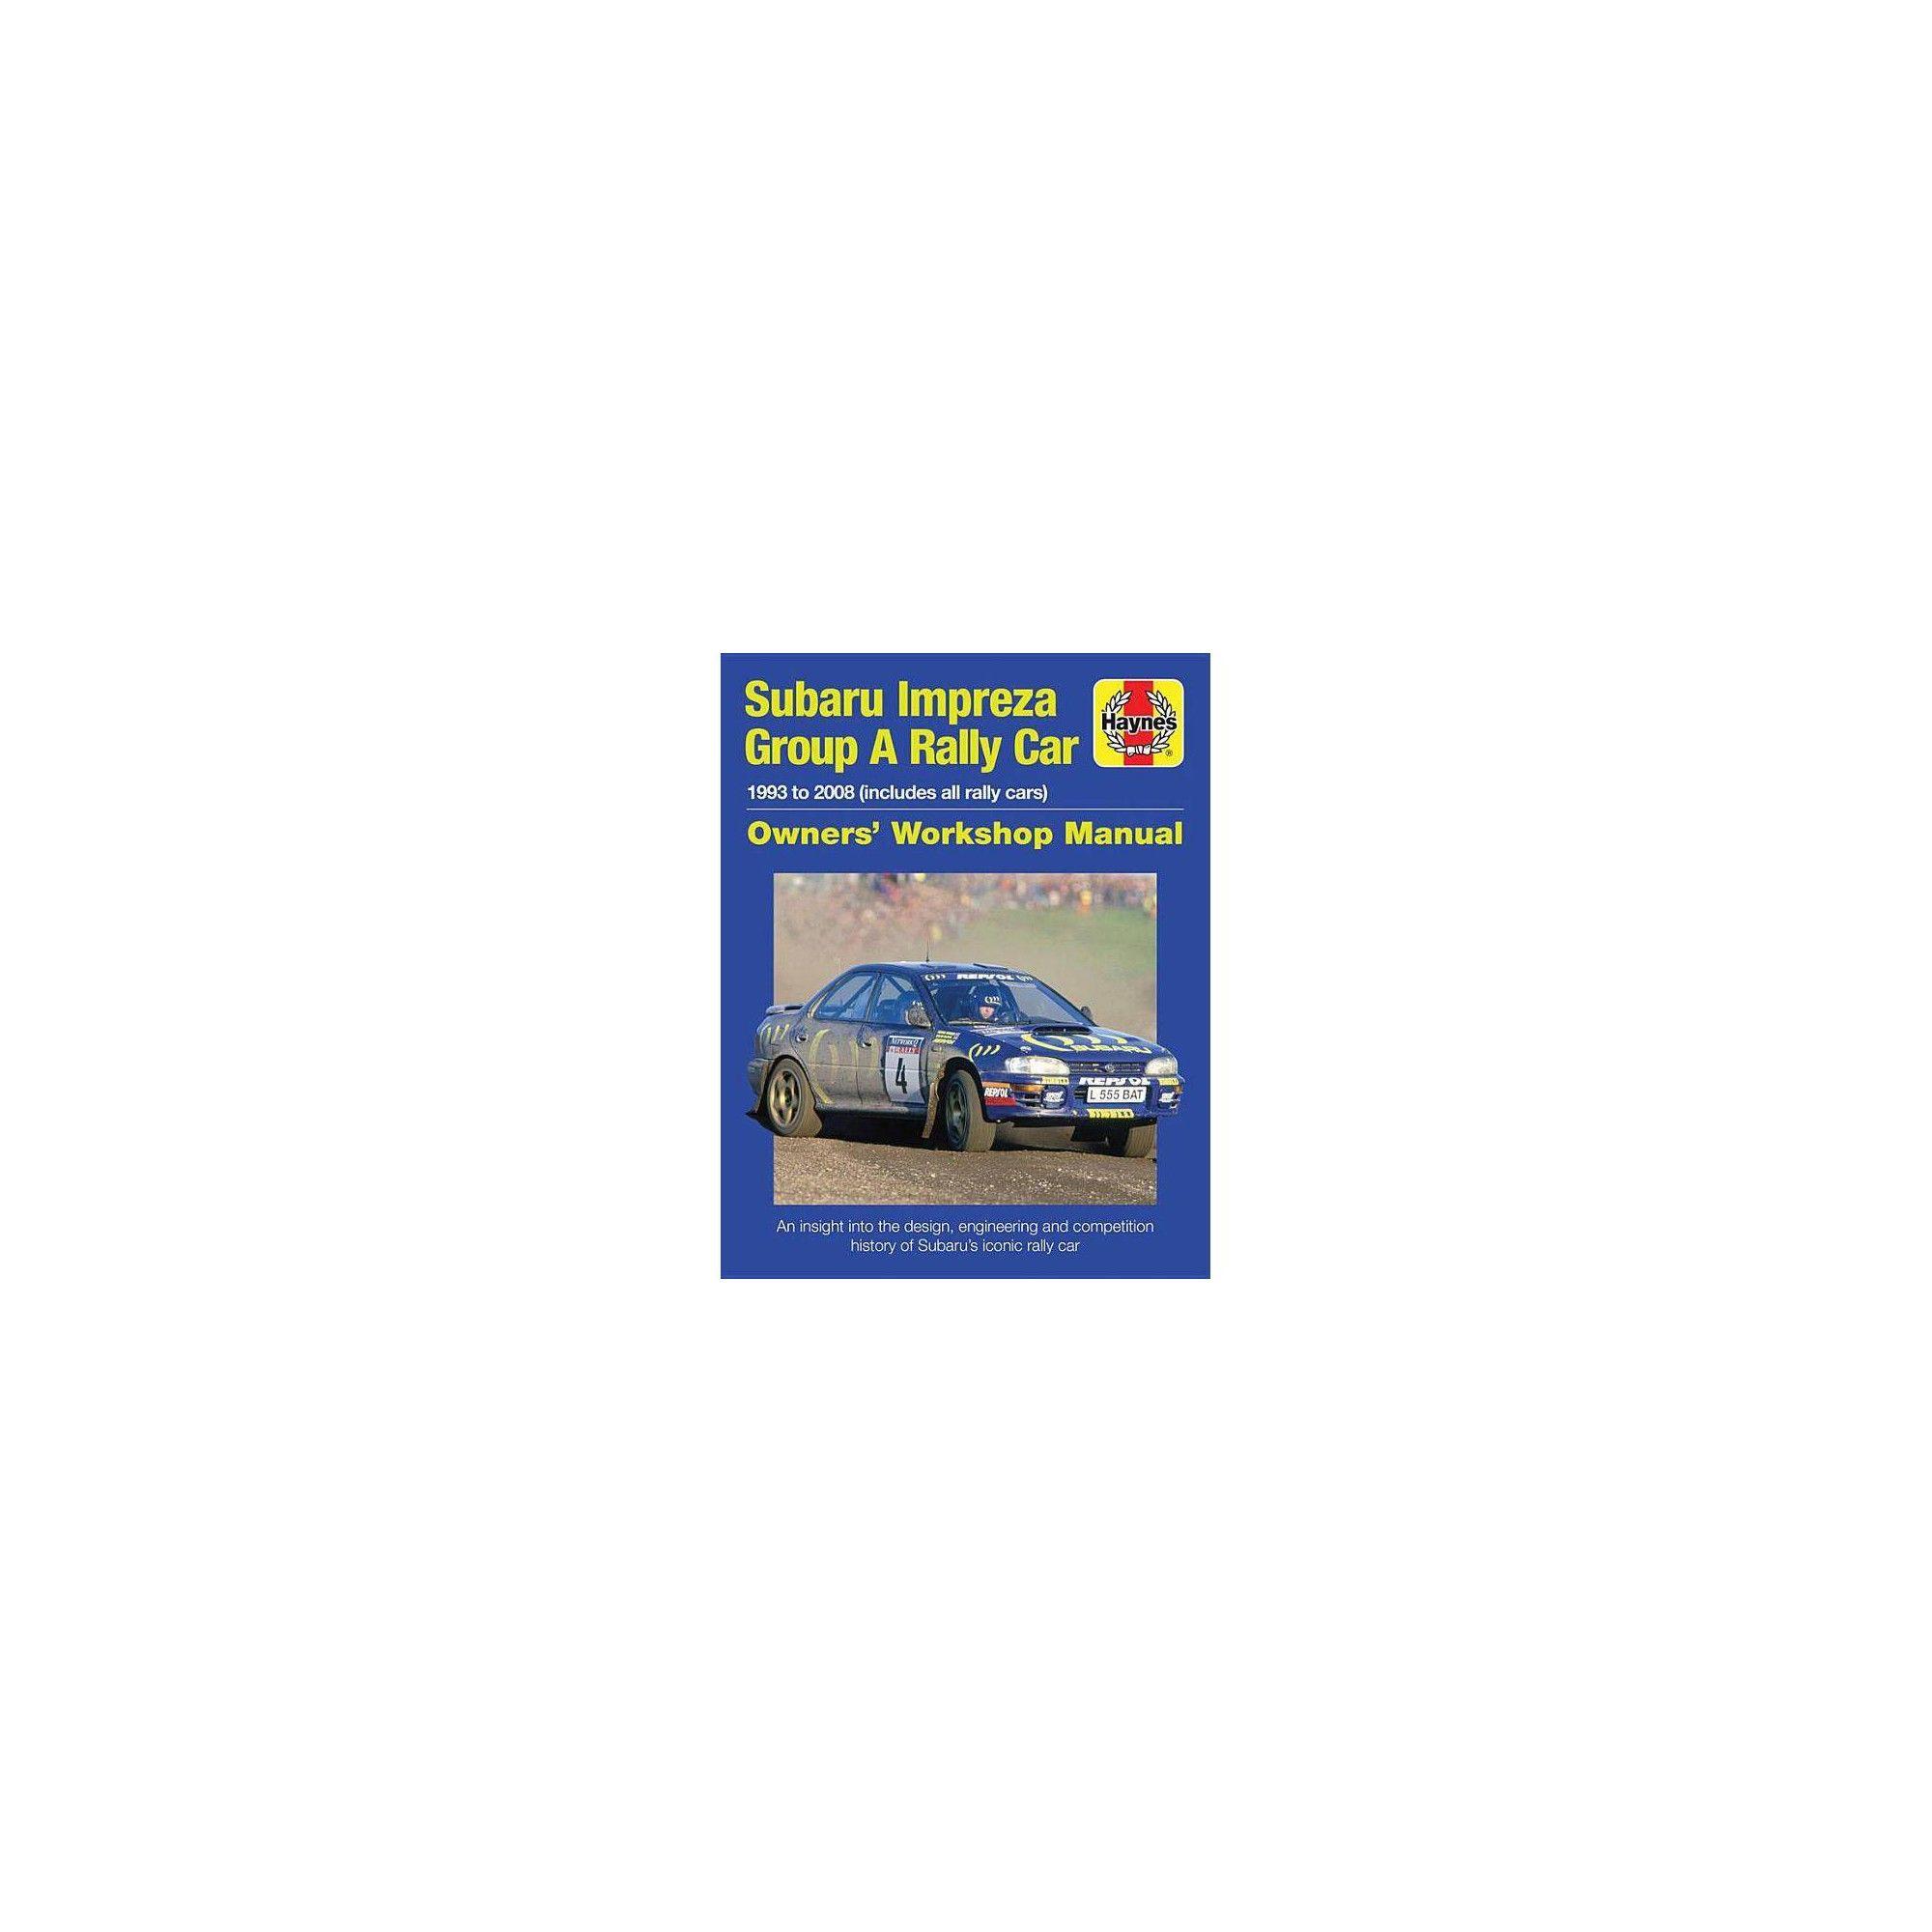 TRFANGBAND TRFESTSTELLER TRUCKTEC 02.53.144 MERCEDES VW SPRINTER ...